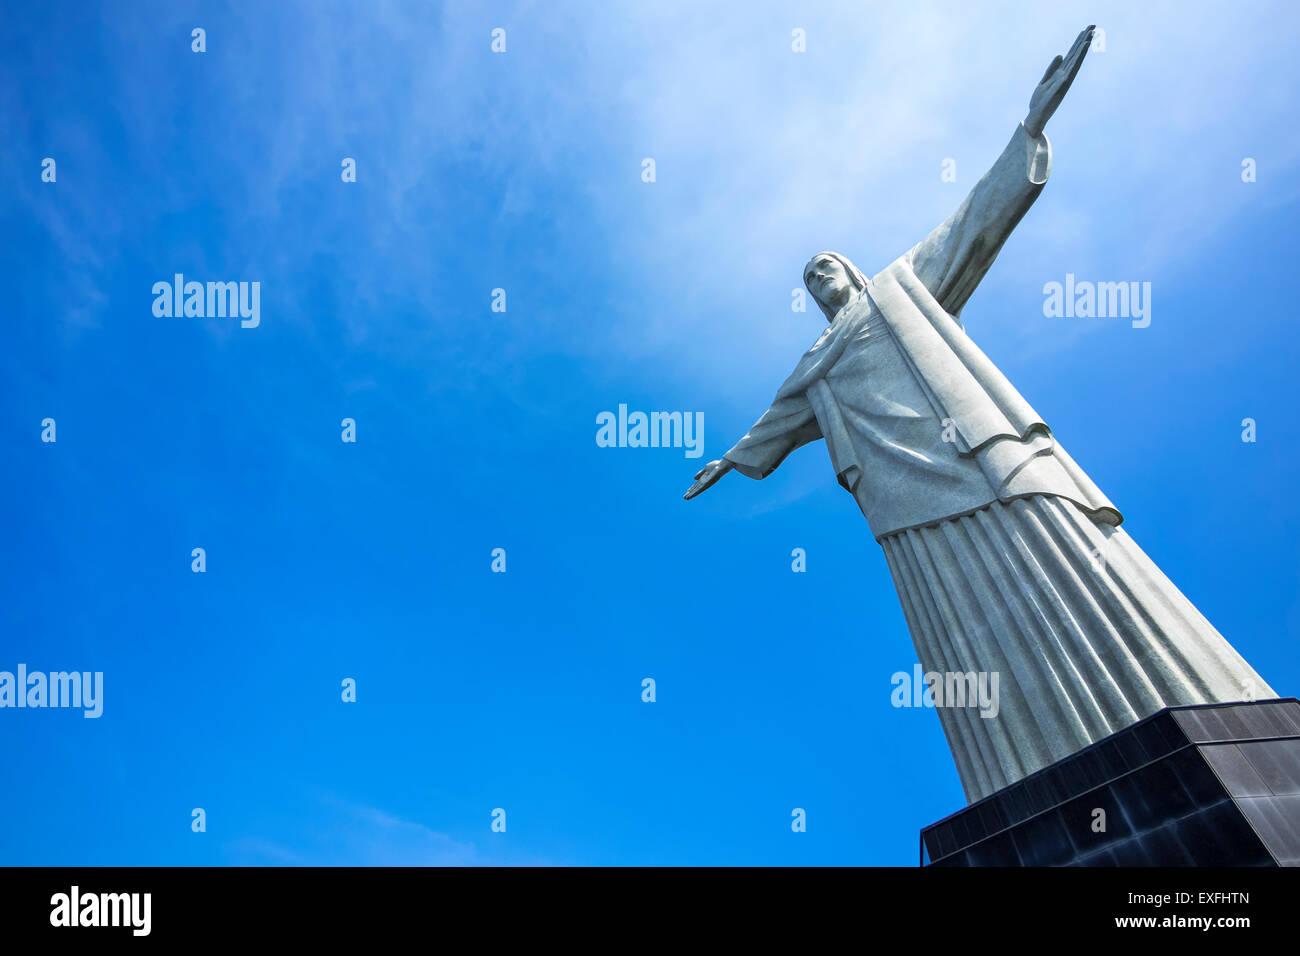 La estatua de Cristo Redentor en Río de Janeiro, Brasil. Imagen De Stock